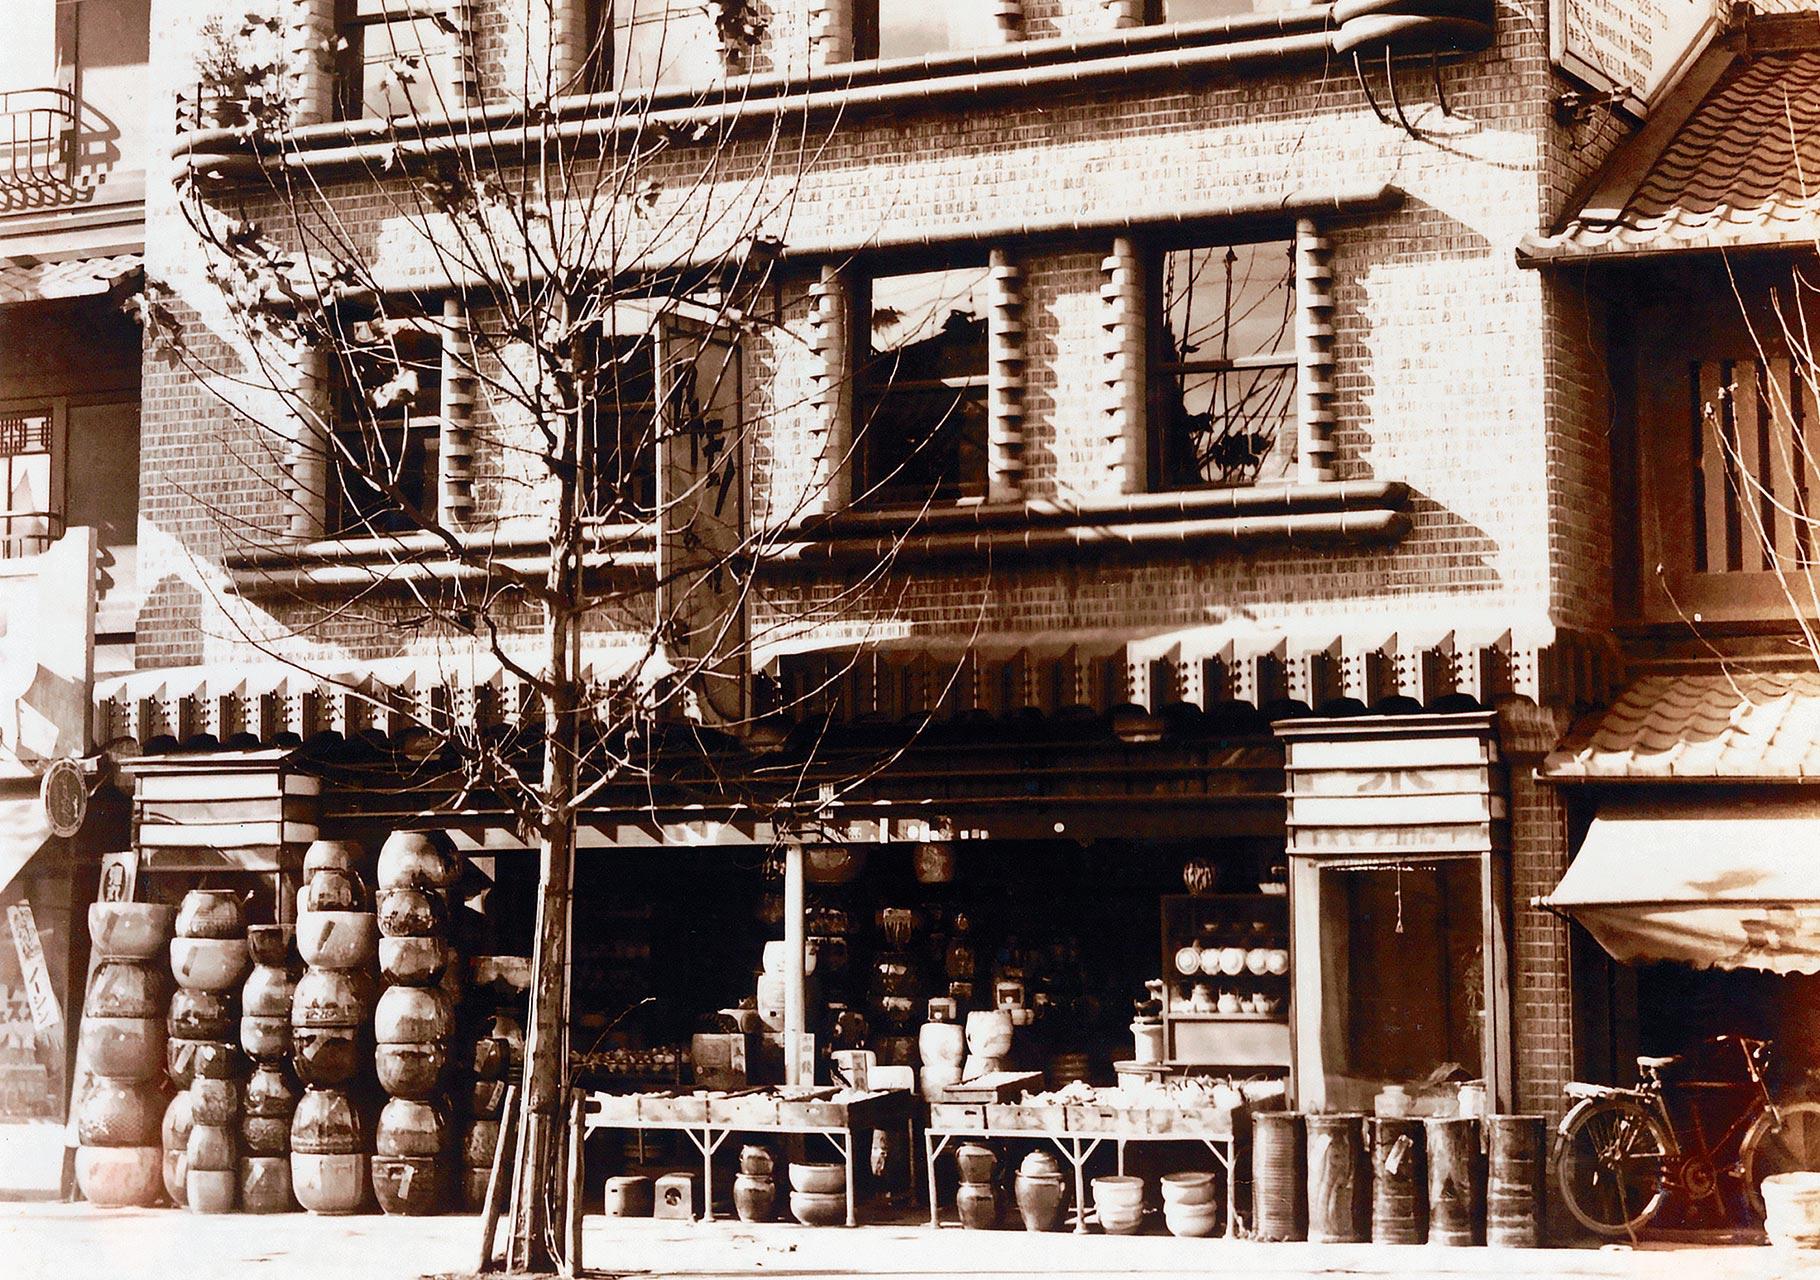 はじまりの地・京都。食器店がルーツなので、たくさんの食器や壺が並べられています。